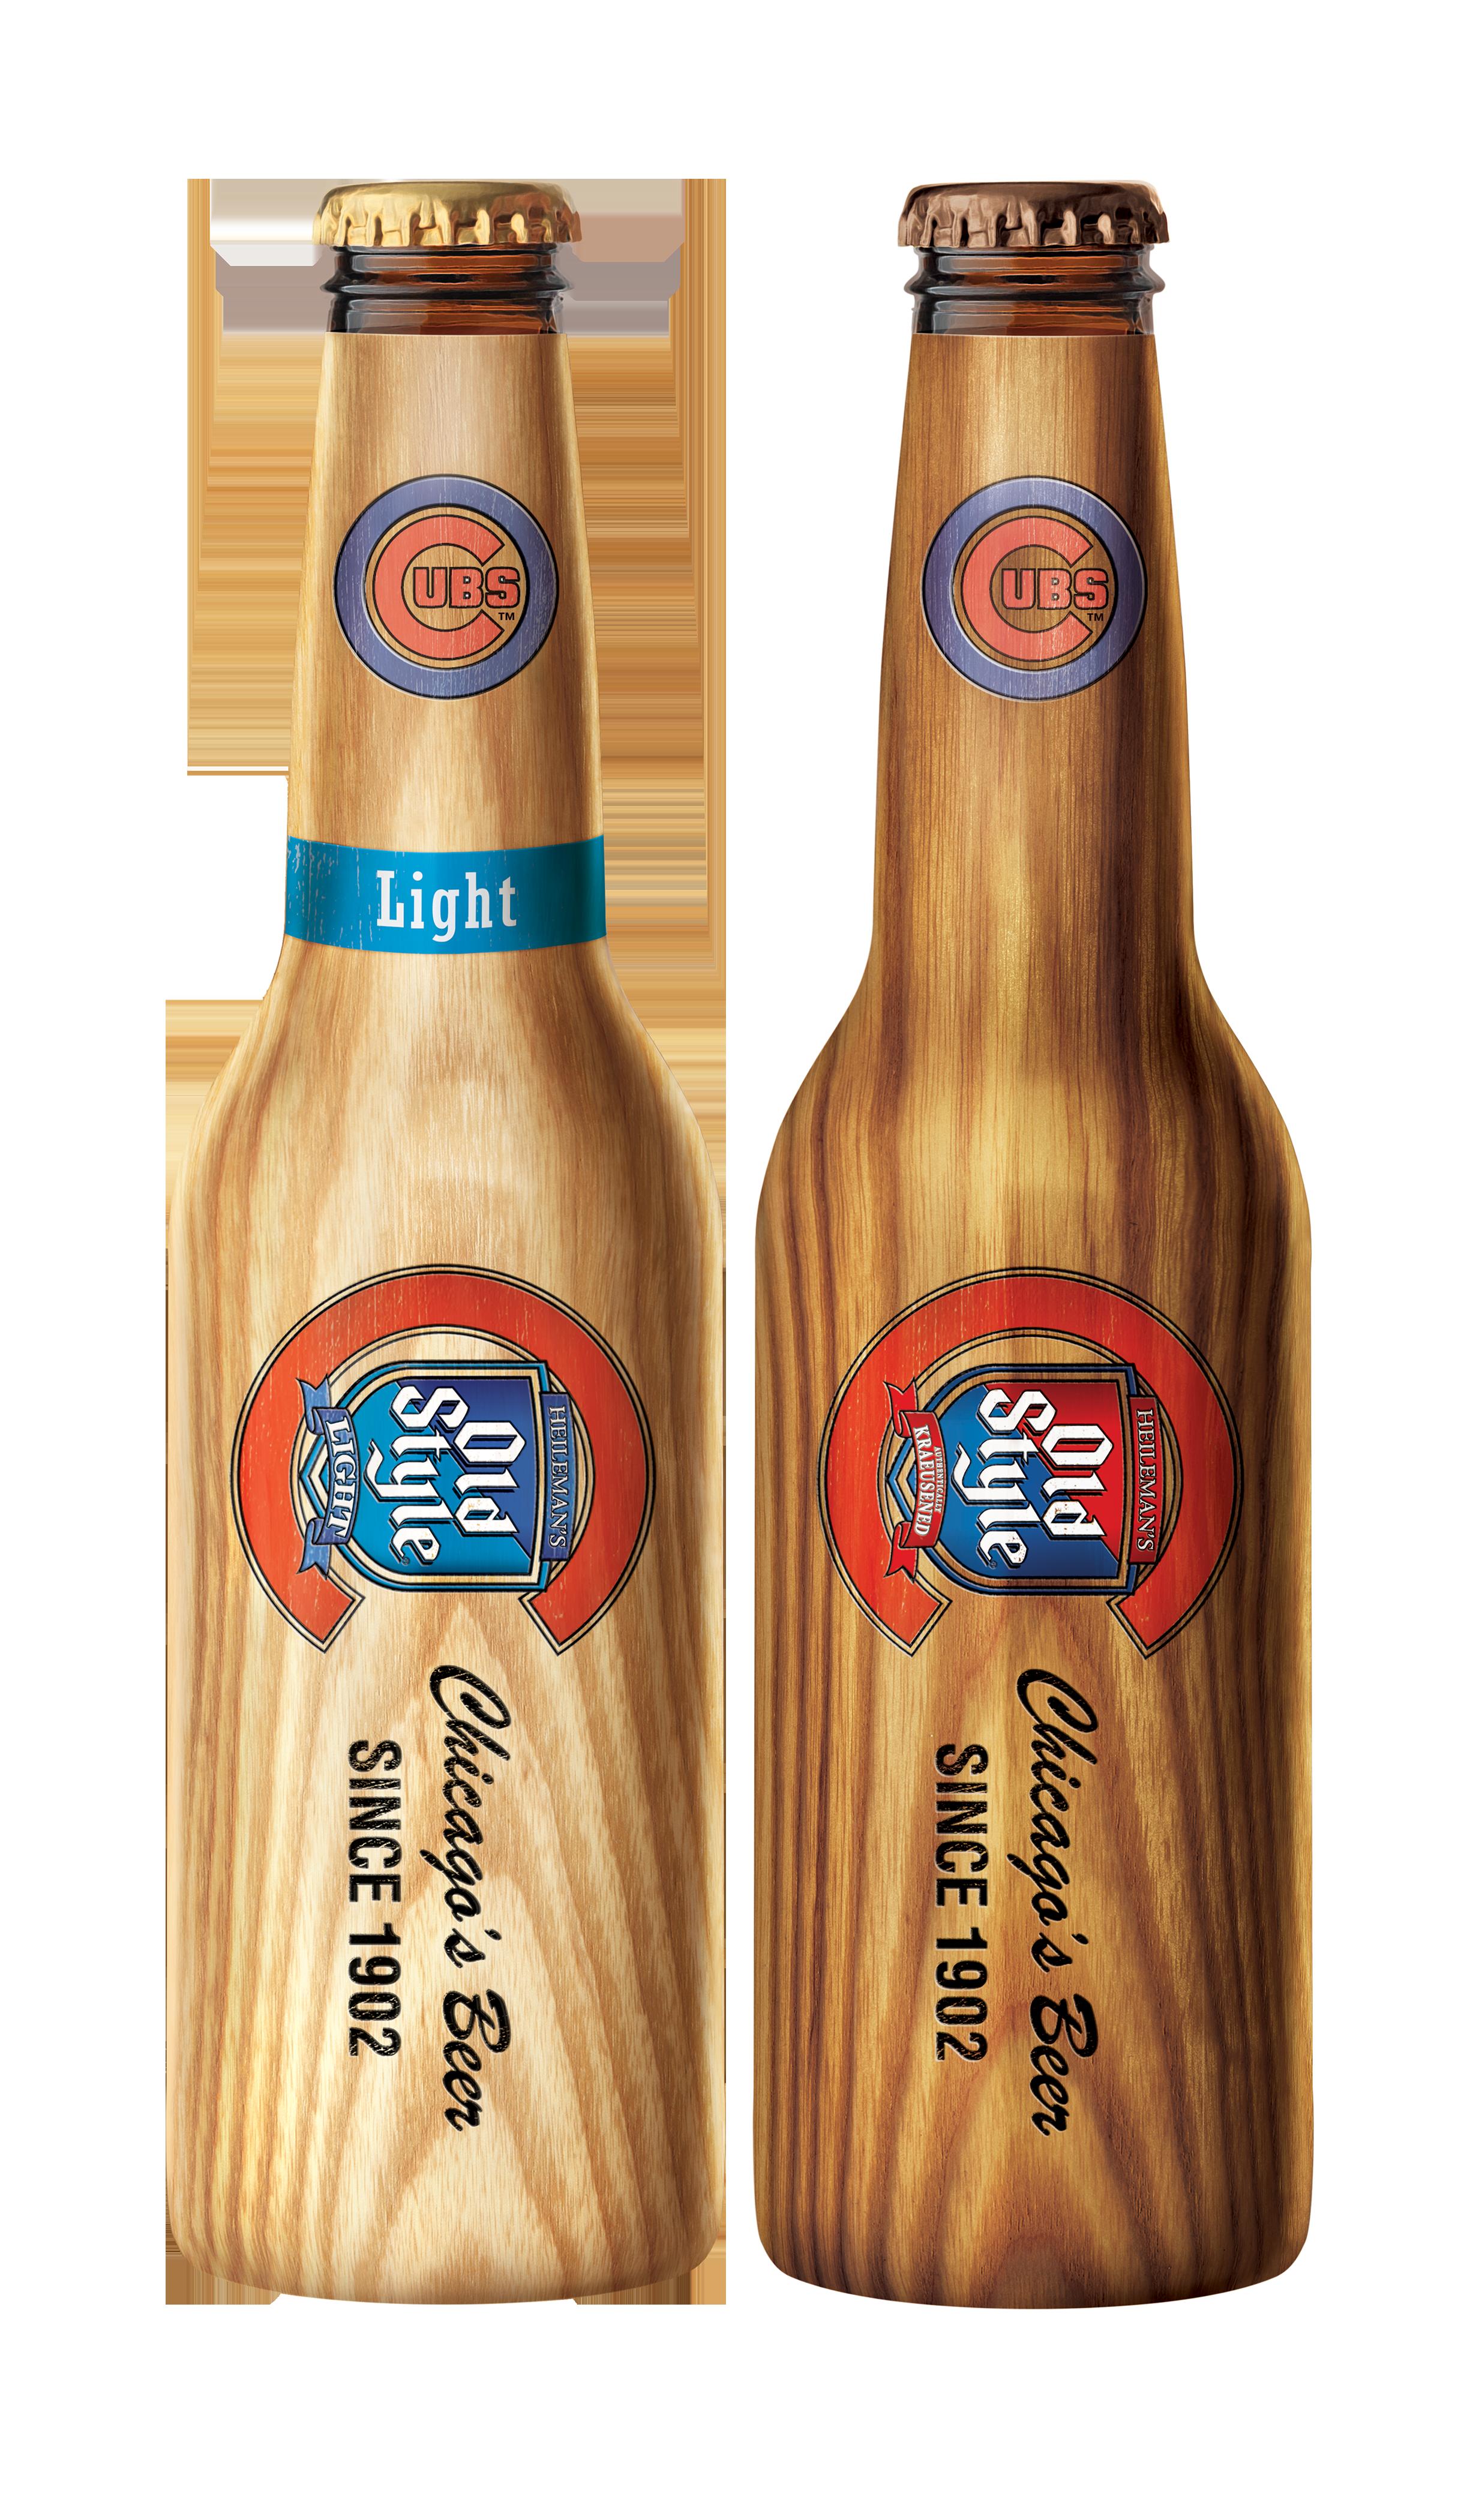 OS_both bottles_1.png